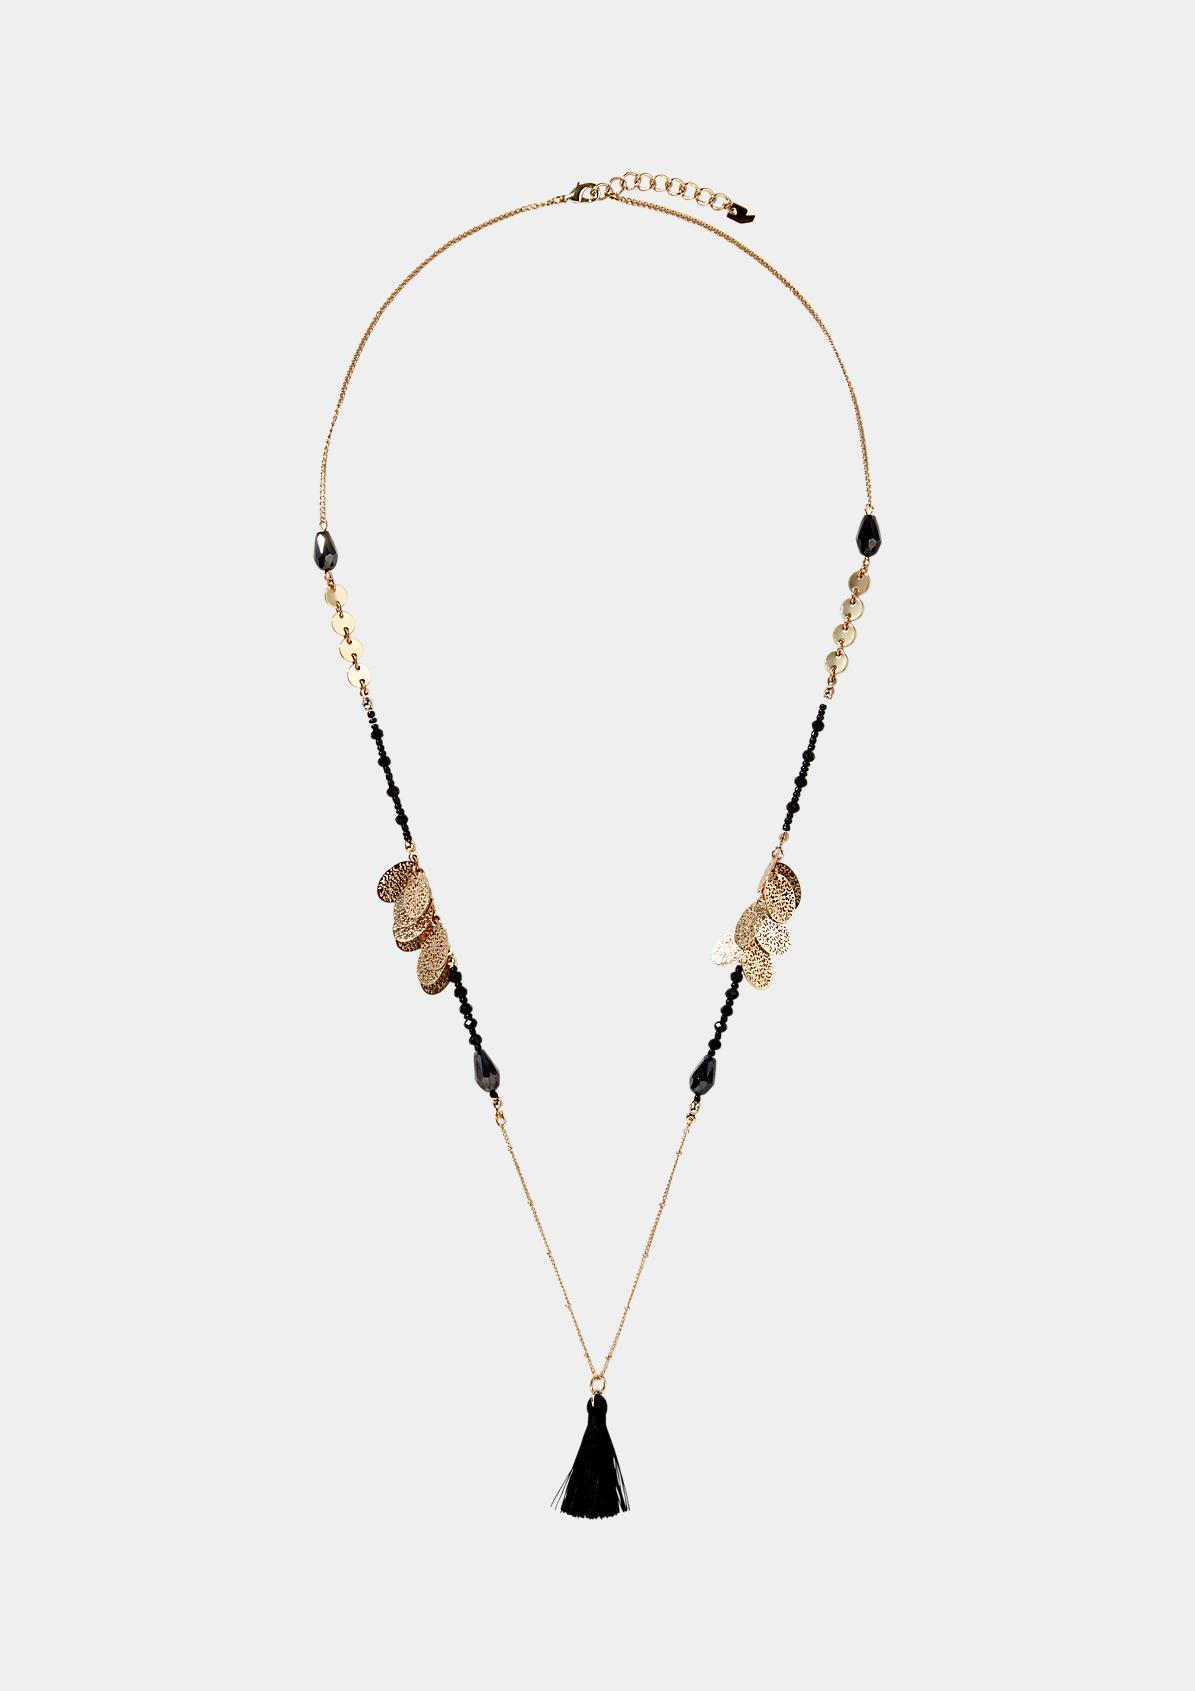 Filigrane Halskette mit umfangreichen Verzierungen